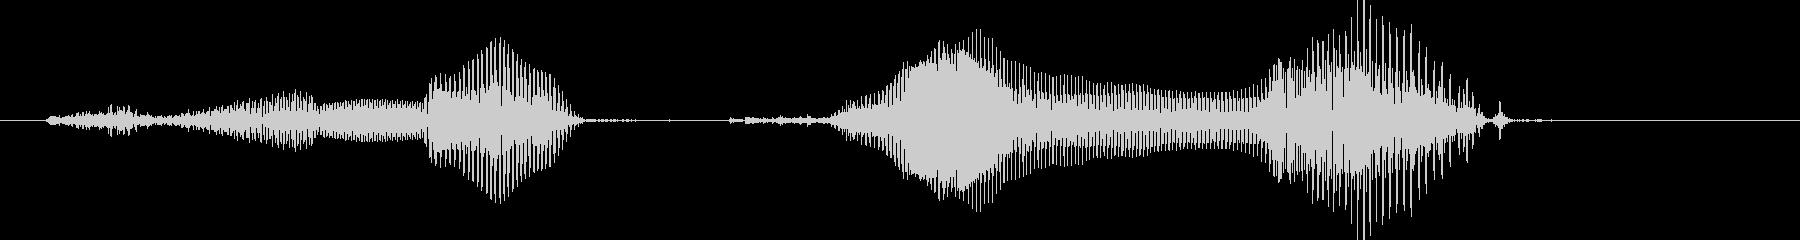 その声はっ!の未再生の波形